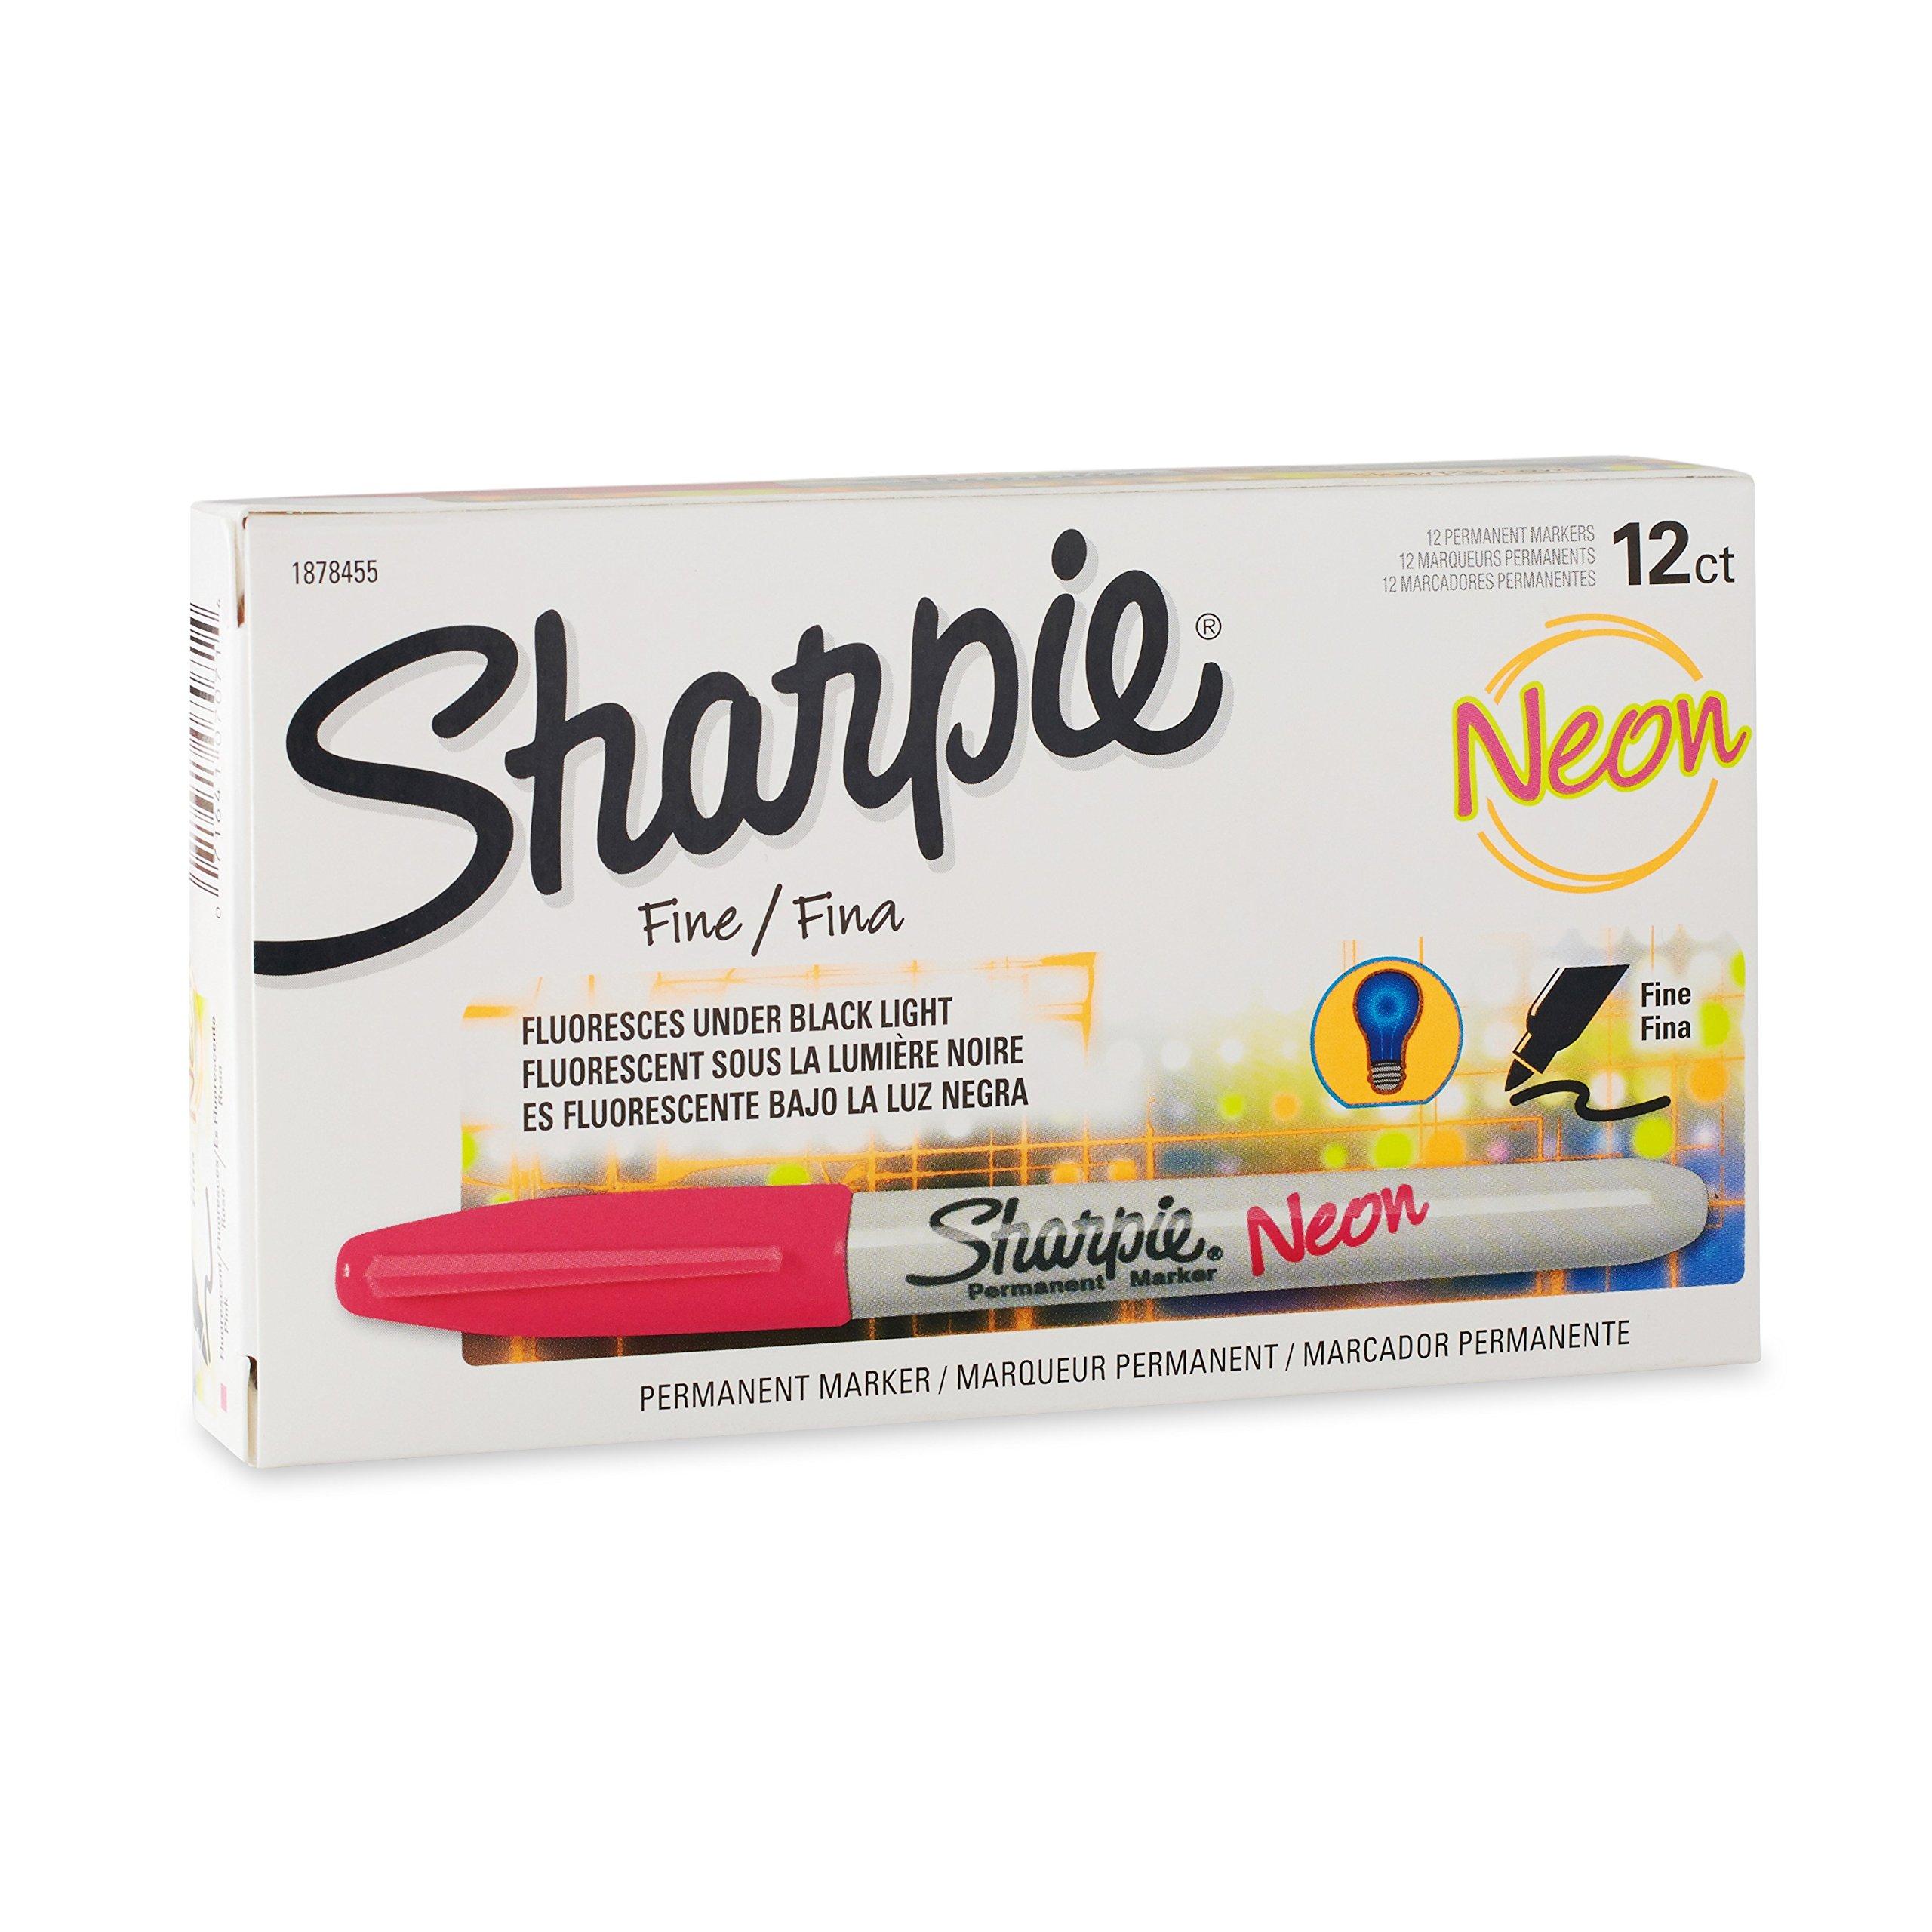 Sharpie 1878455 Neon Fine Point Permanent Marker, Neon Pink, 12-Pack